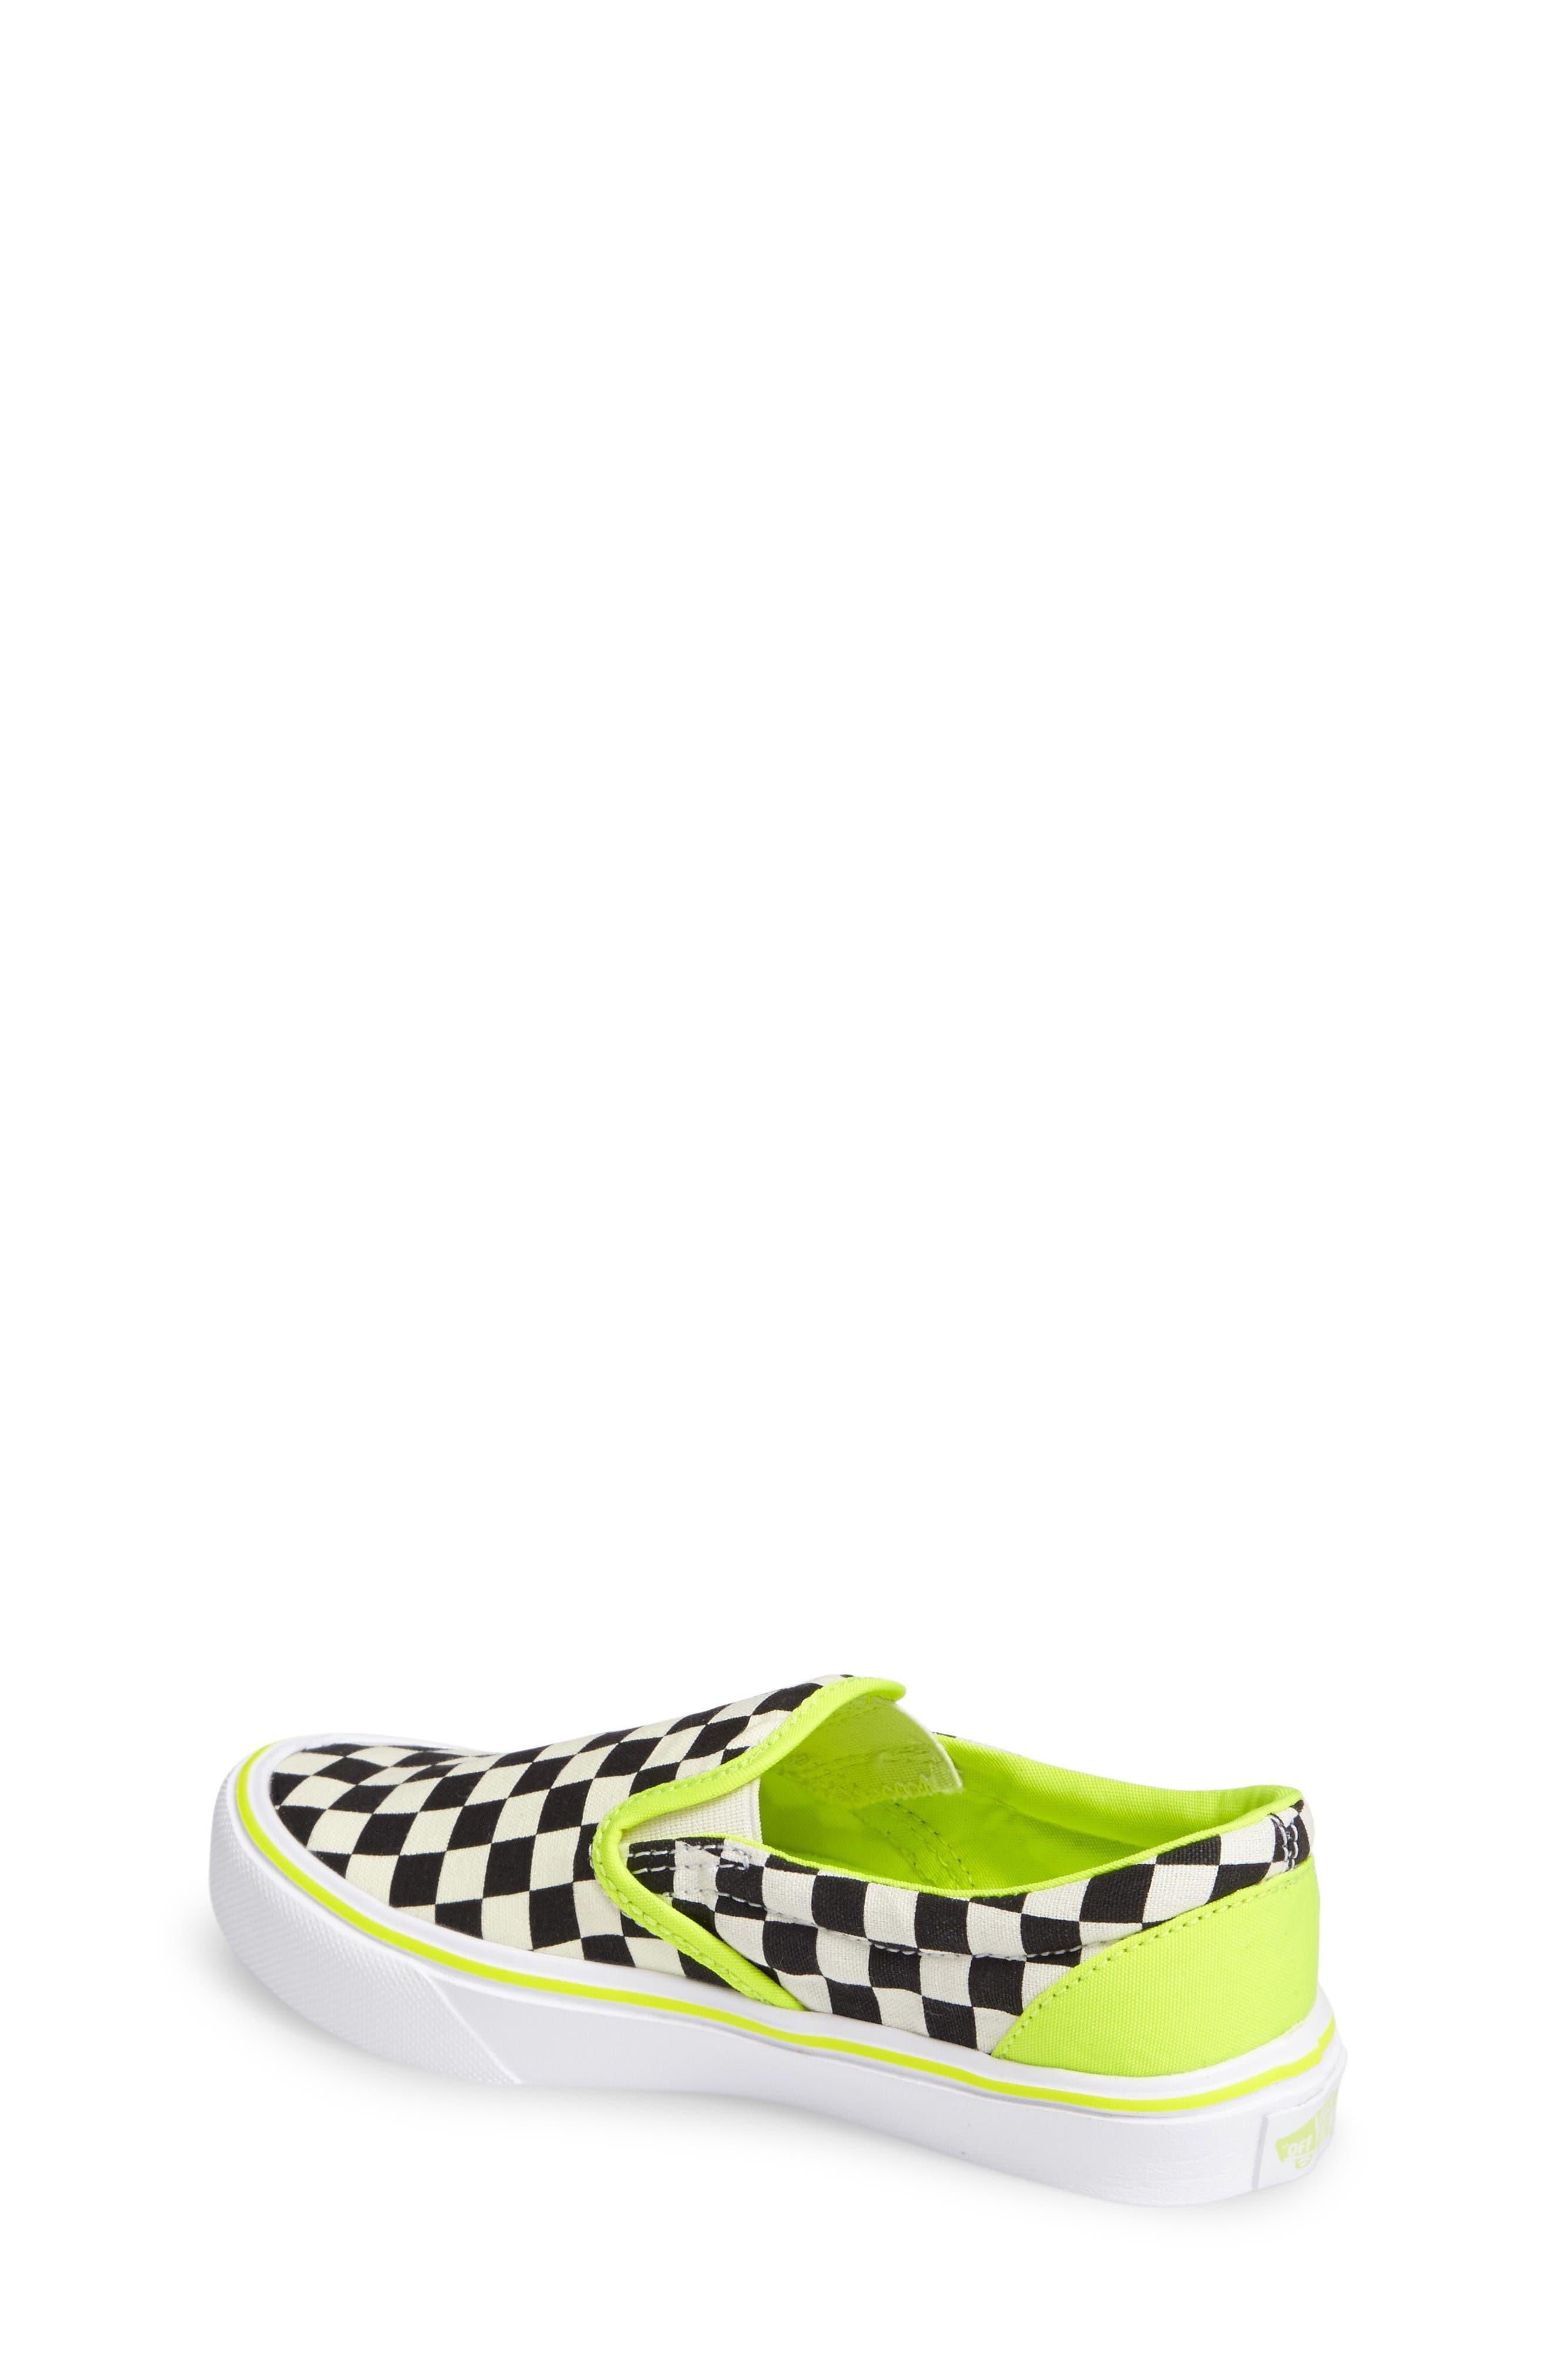 Classic Freshness Slip-On Lite Sneaker,                             Alternate thumbnail 2, color,                             Freshness Classic White/Black